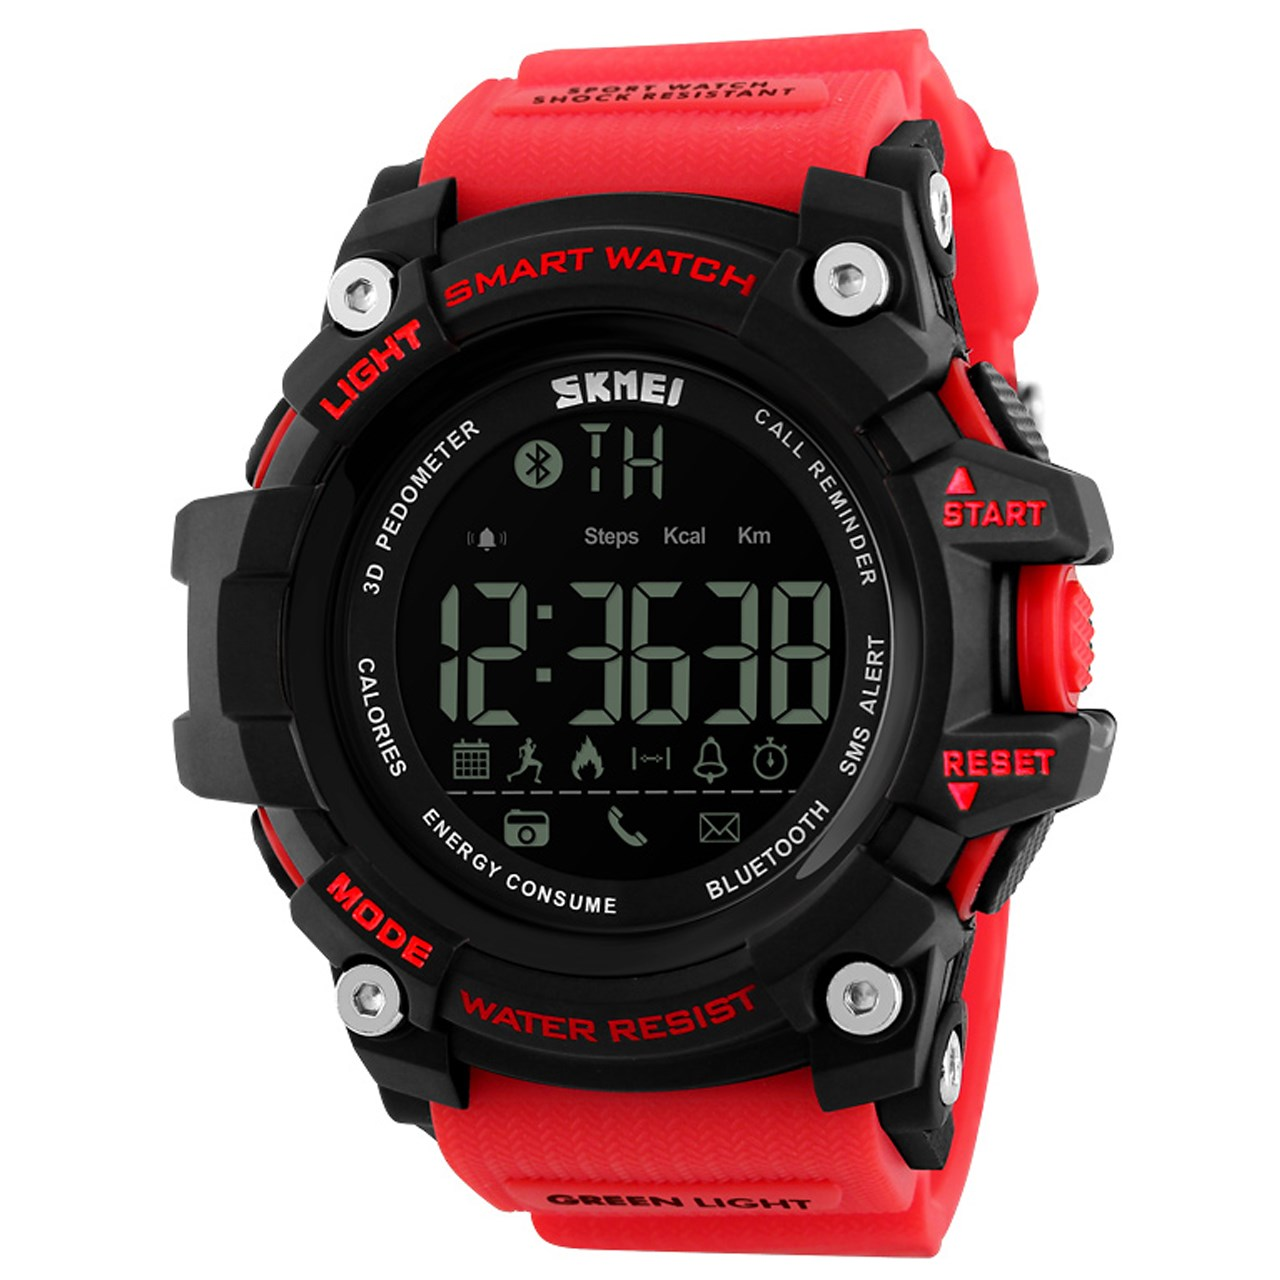 قیمت ساعت مچی دیجیتالی اسکمی مدل 1227